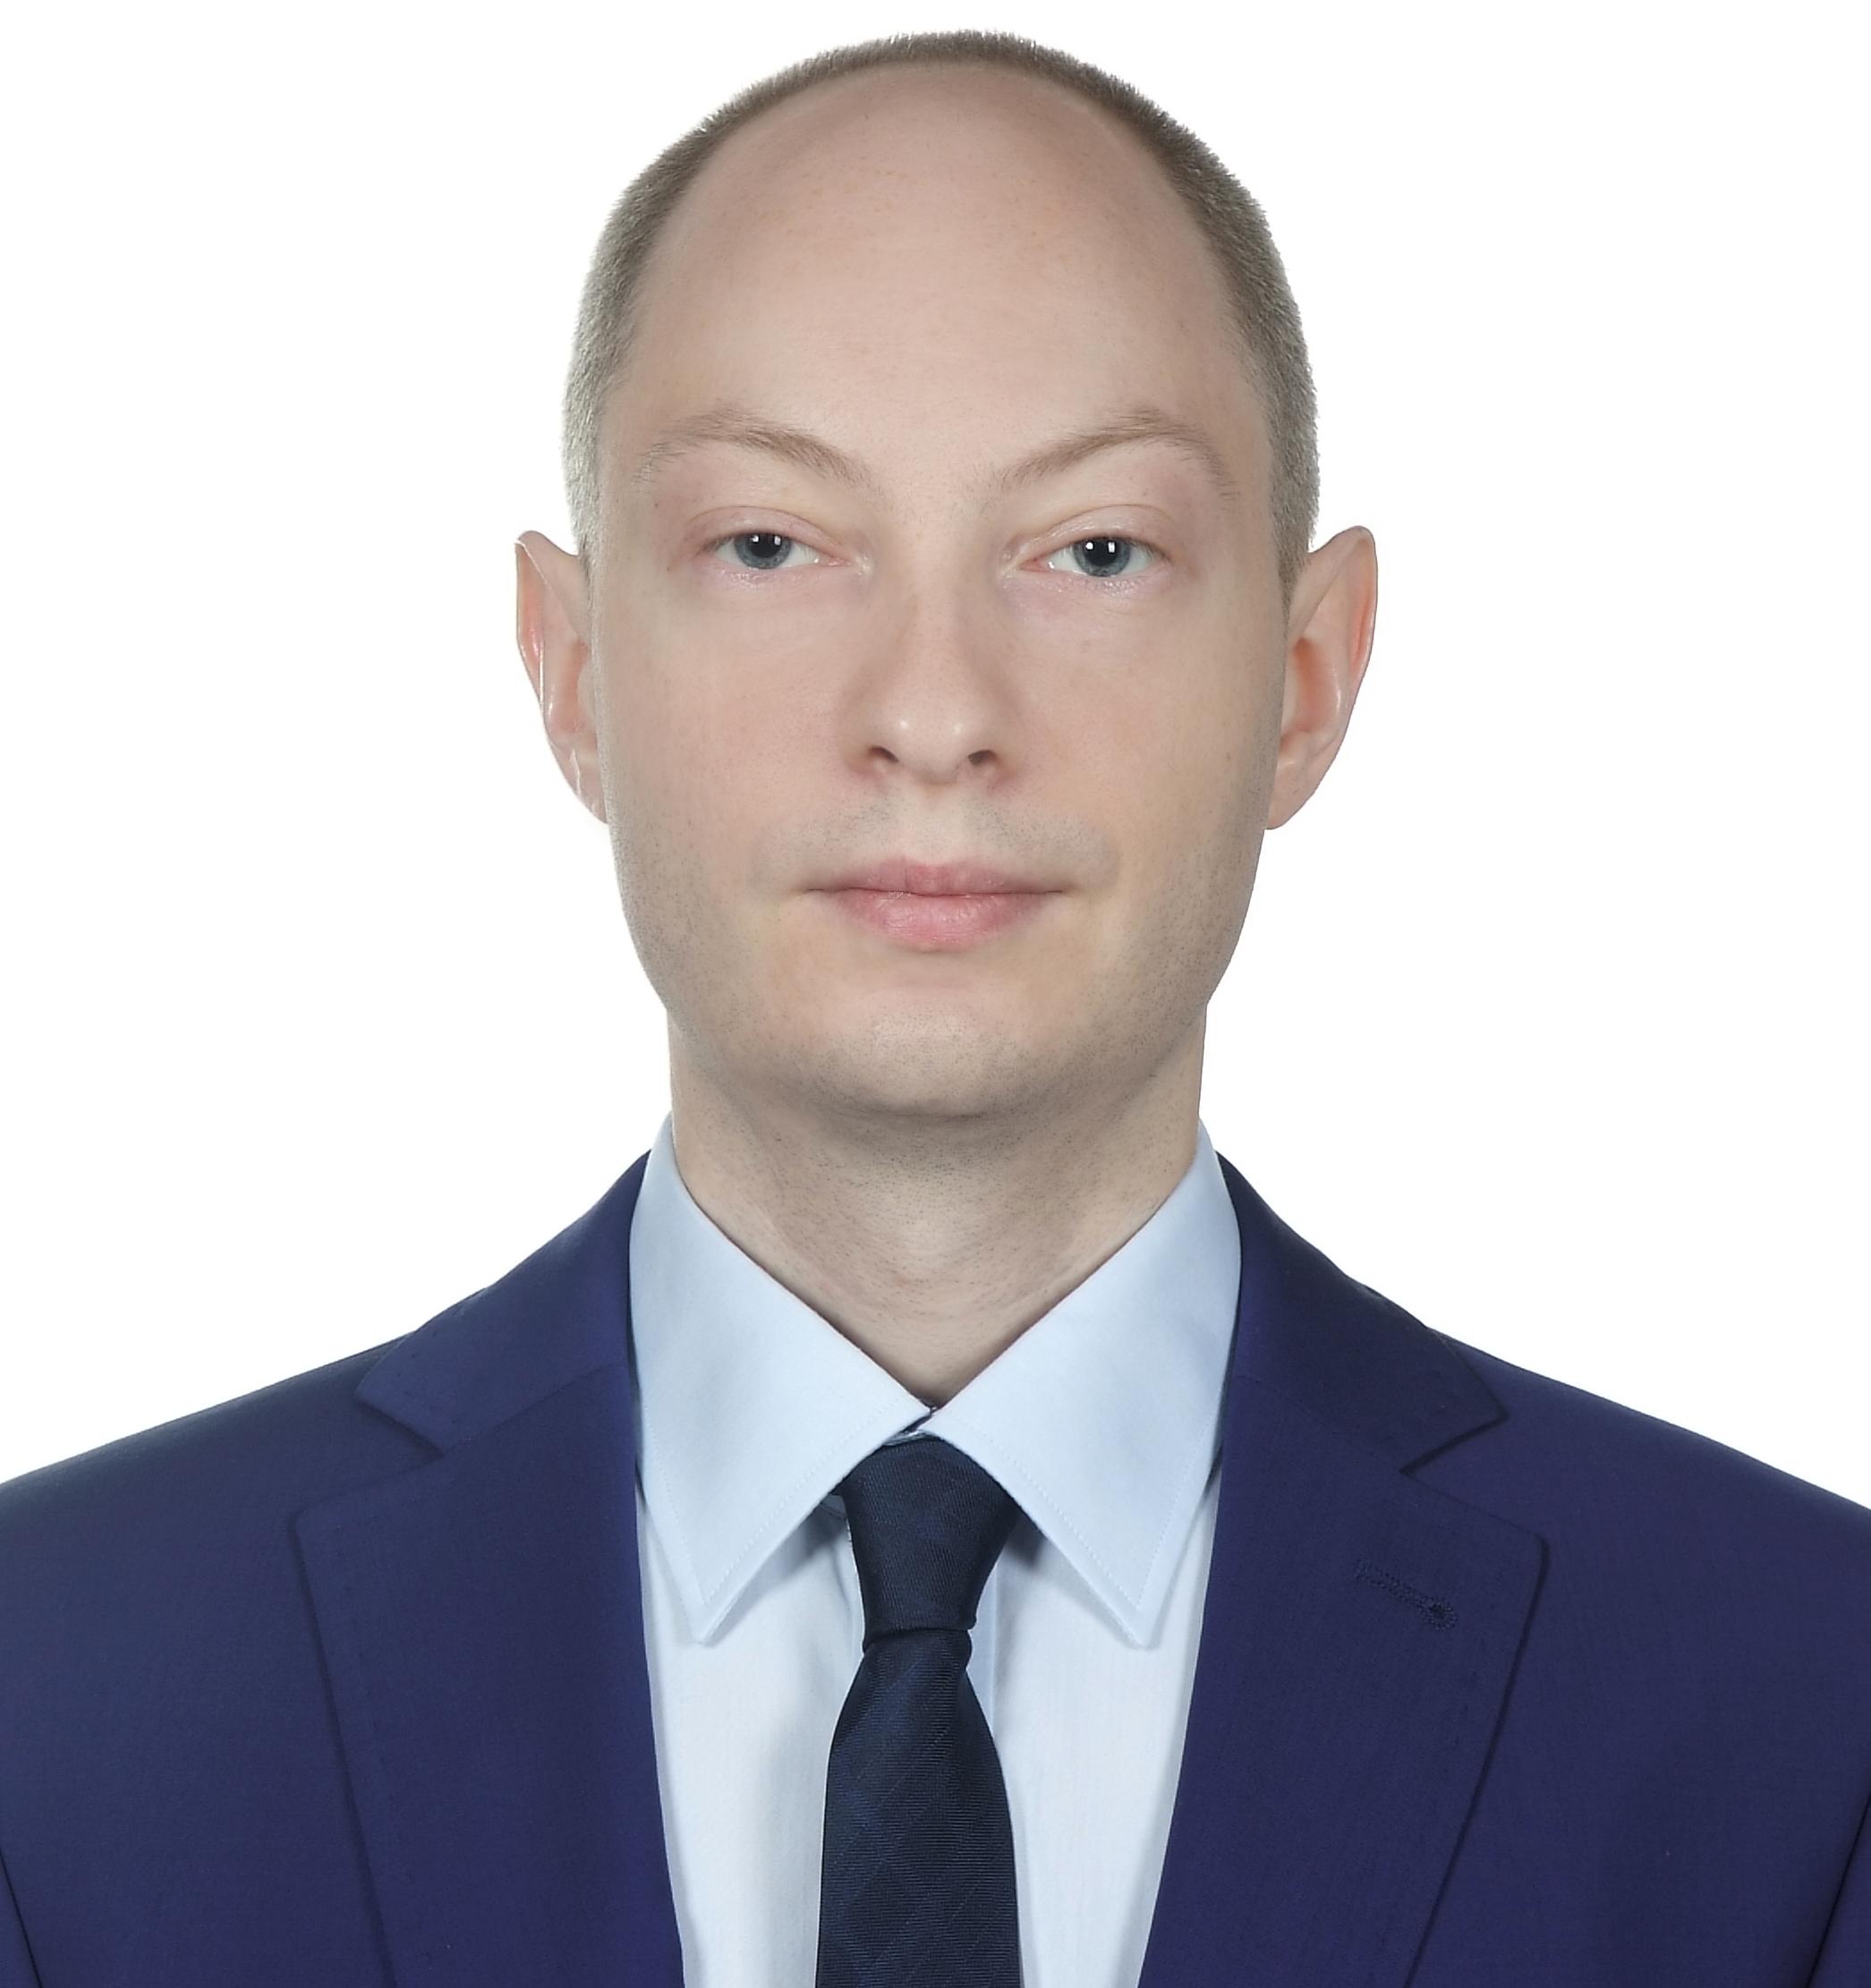 Szymon Witkowski